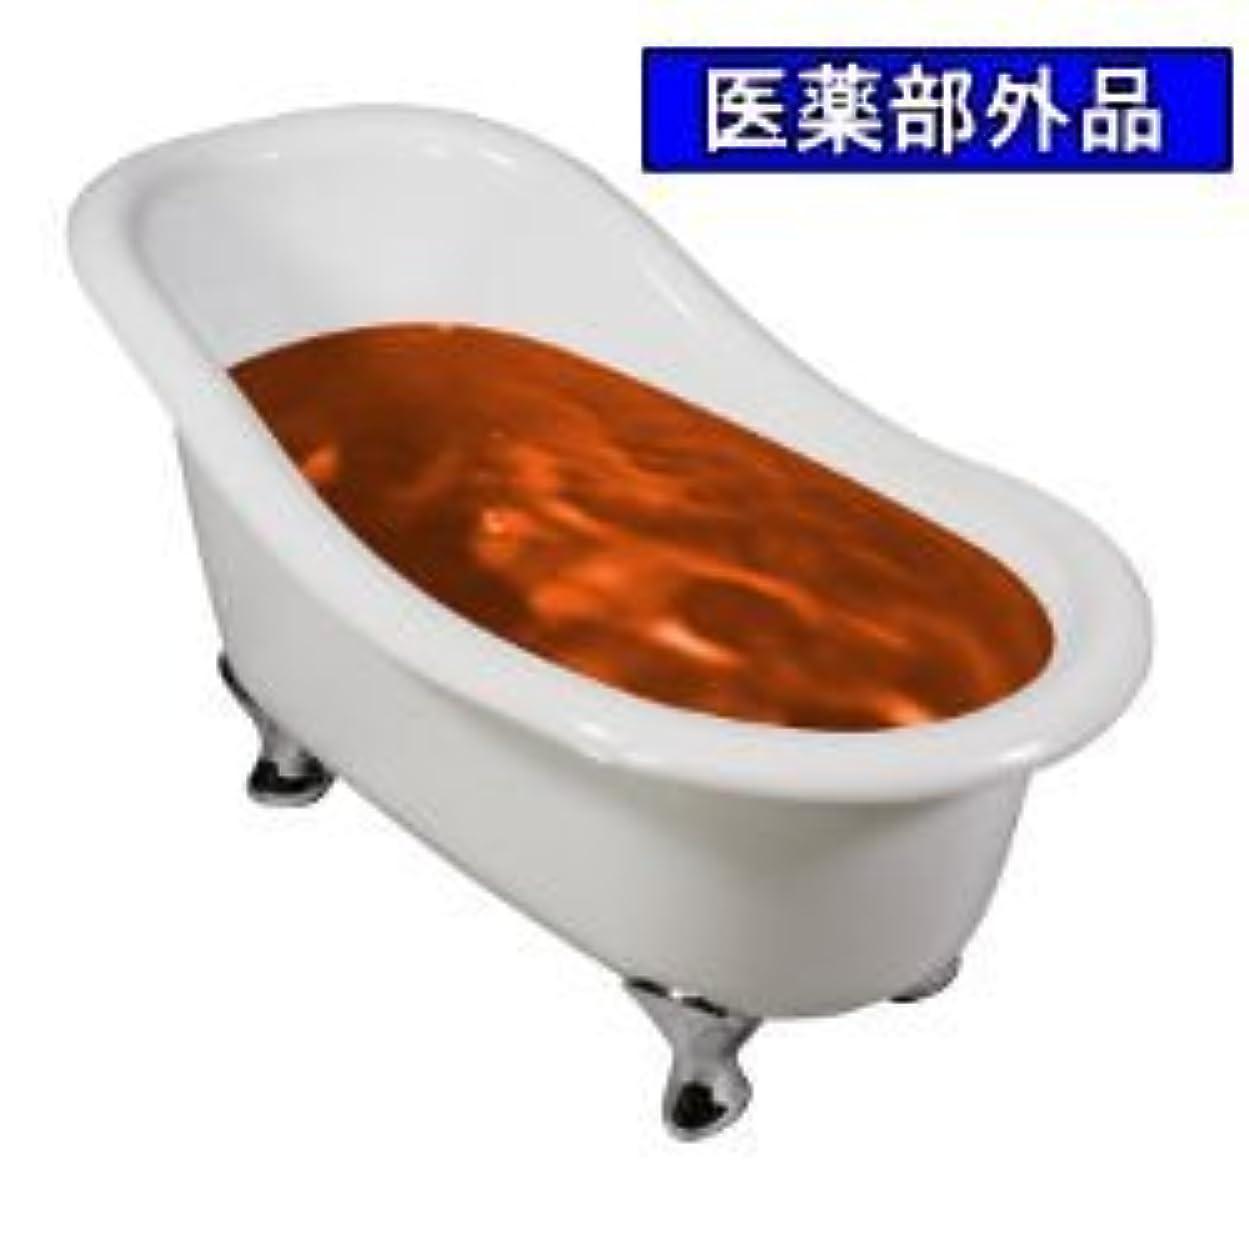 赤面展望台カップ業務用薬用入浴剤バスフレンド ふくじゅこう 17kg 医薬部外品